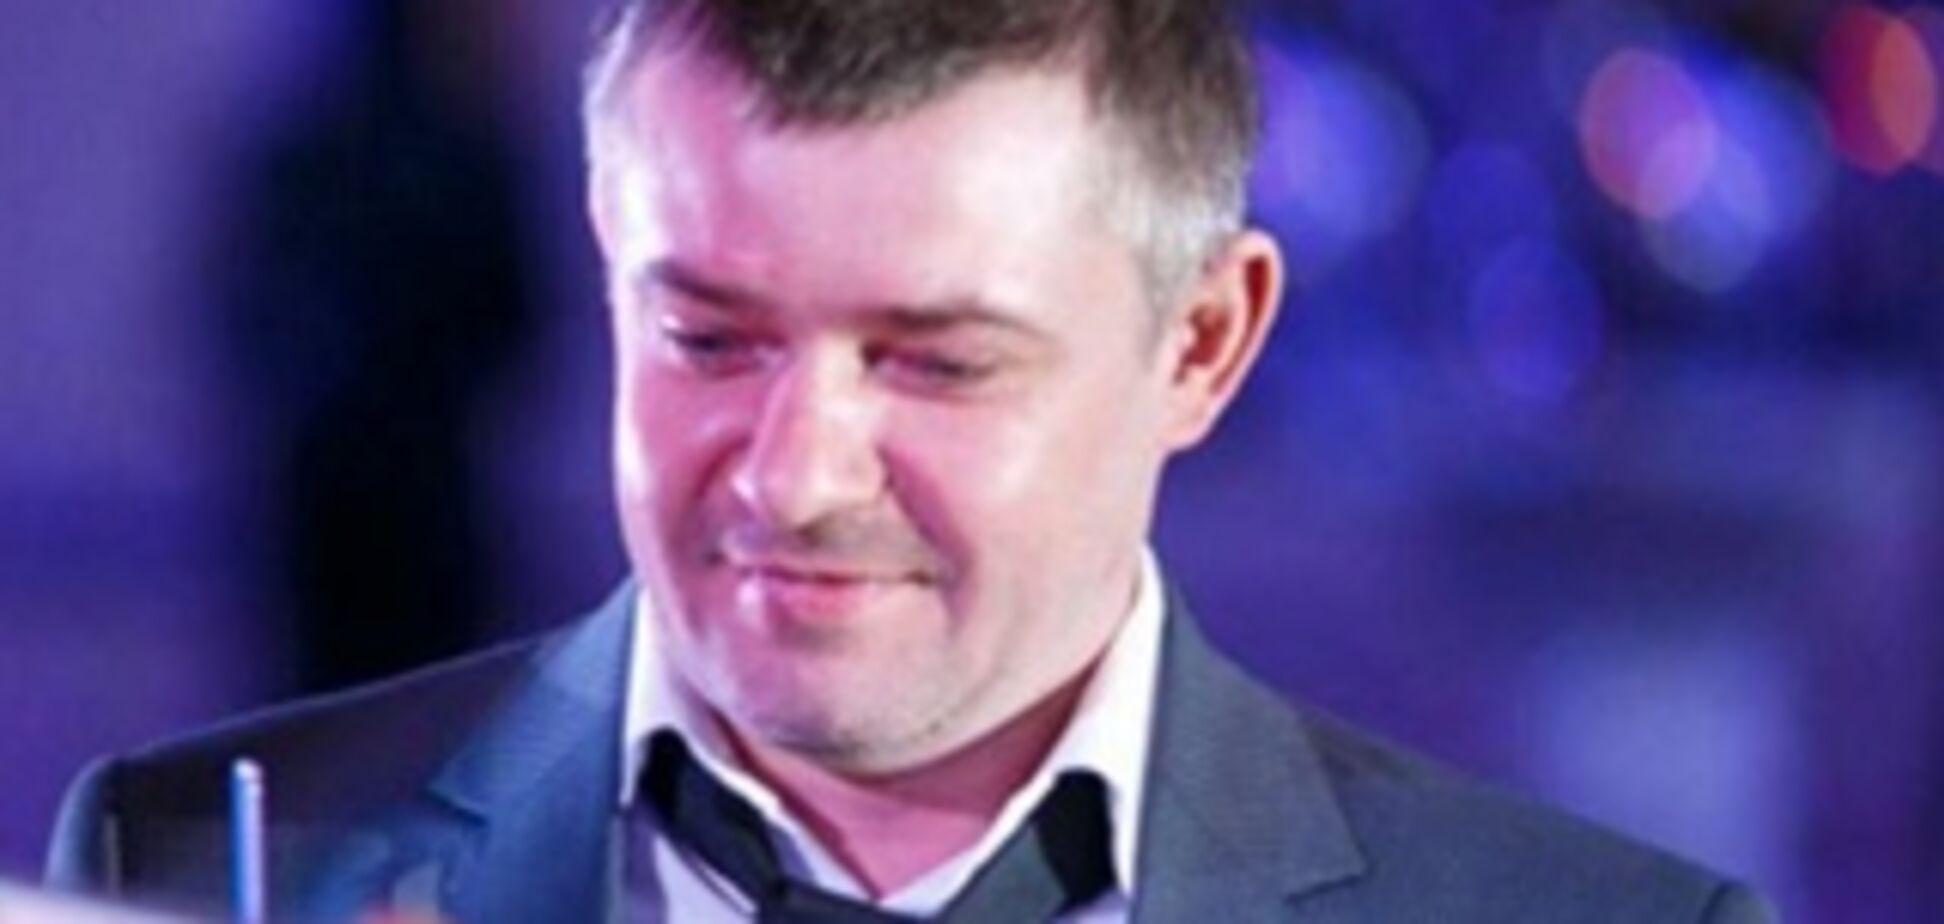 Перерізані горло і вени: з'явилися нові подробиці загибелі сина екс-нардепа у Києві